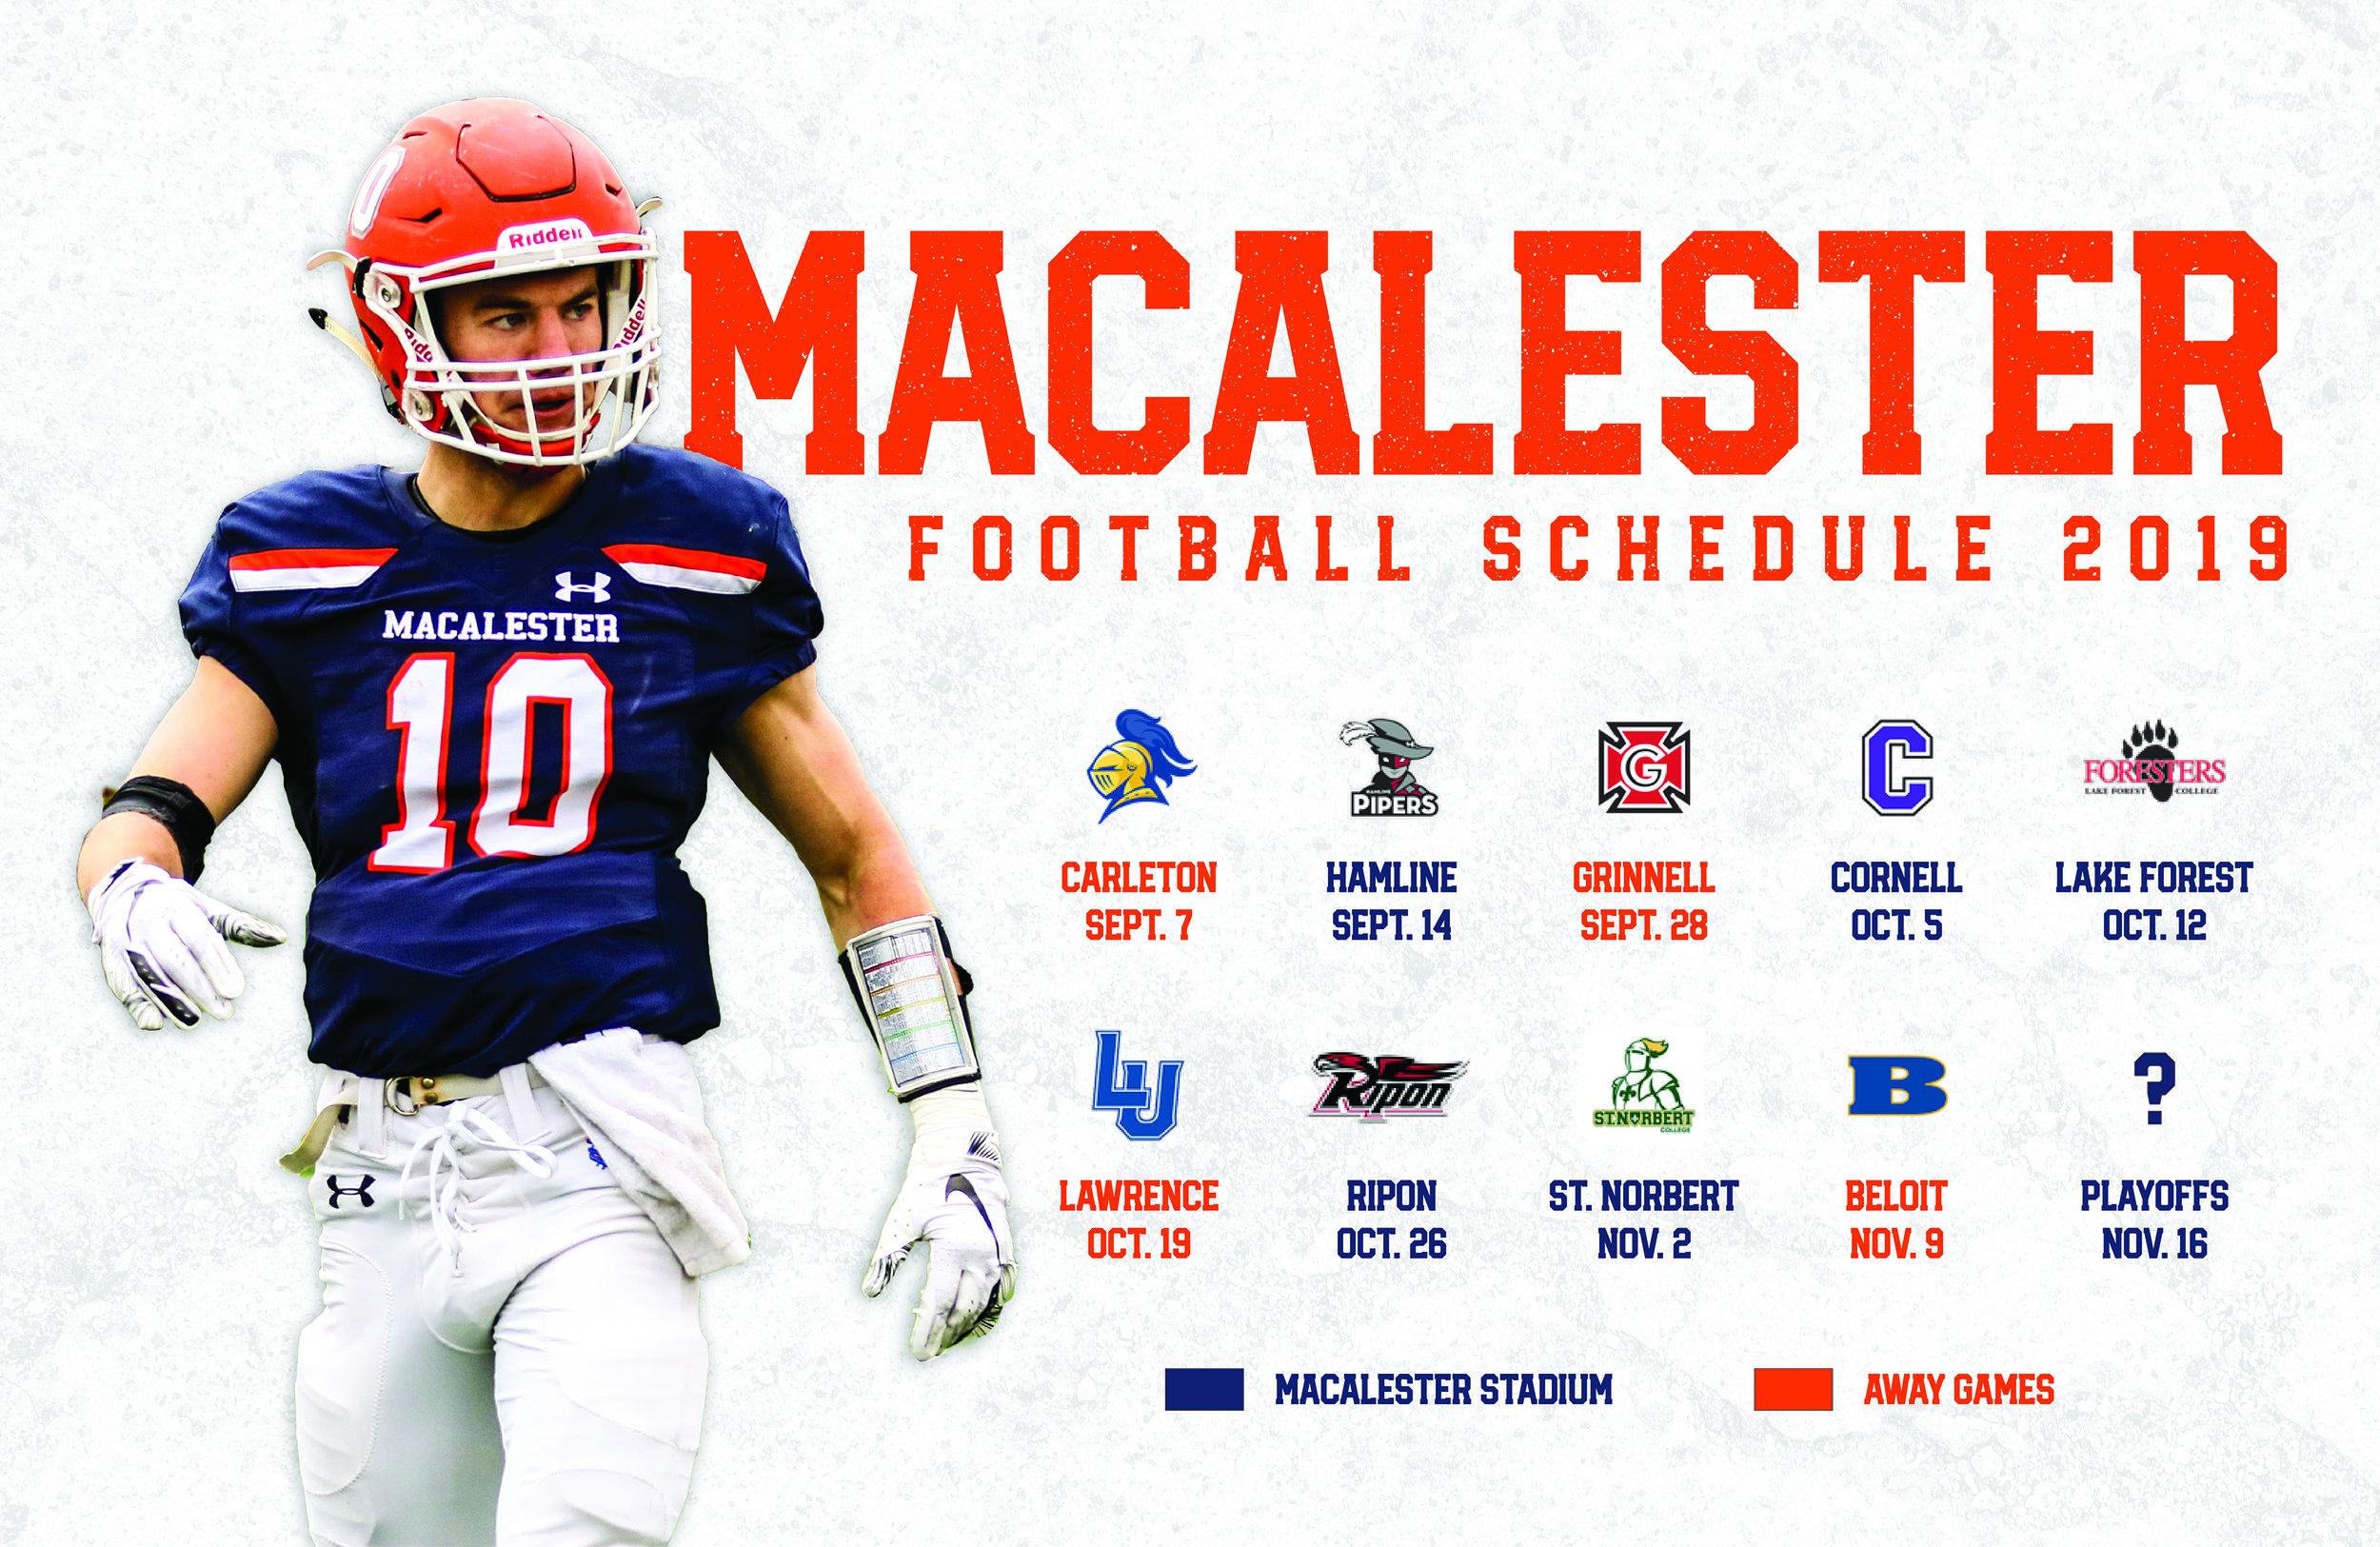 mac football schedule 2019 med.jpg